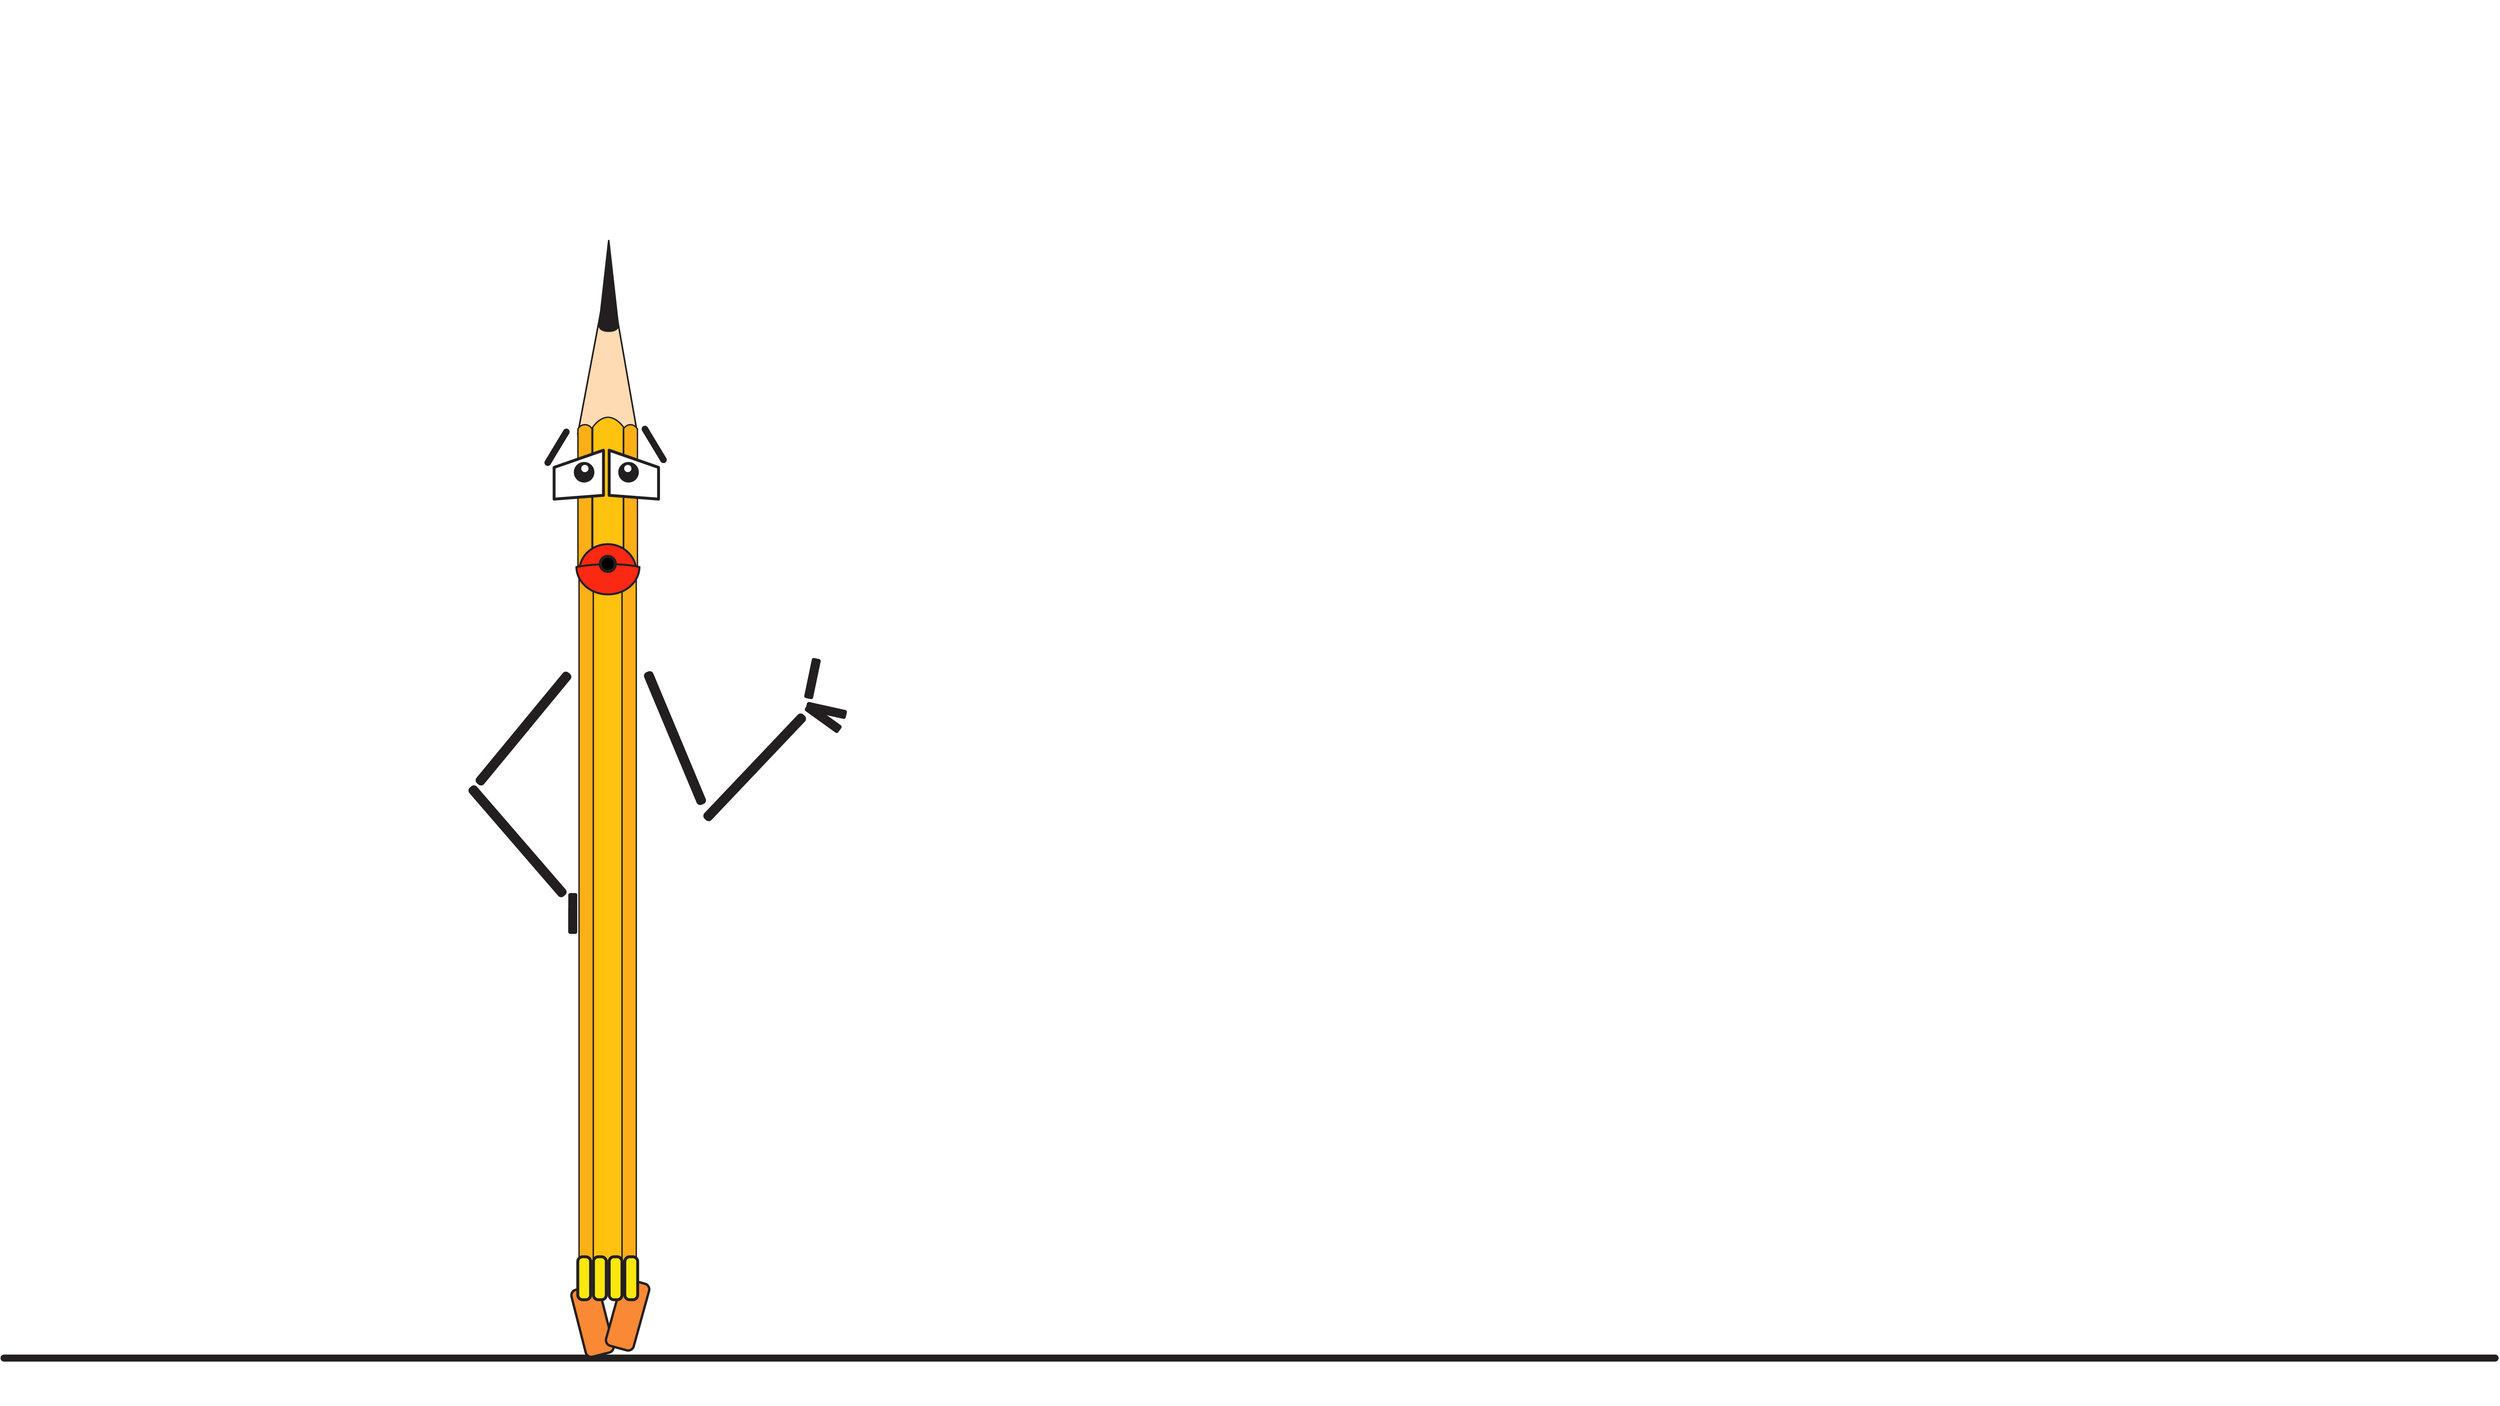 Je suis crayou, - un habitué de l'écriture, du dessin, des gribouillis. Depuis toujours, je suis l'ami des écrivains (donc de toi Spinoza), des dessinateurs, des architectes, des ingénieurs, des mathématiciens, des enfants aussi. Je suis un habitué des pages blanches, des moments de réflexion, des incertitudes. Je fréquente les agendas, les carnets, les petits bouts de papier… et je m'installe sagement dans la pochette de votre chemise, dans votre sac à main ou votre sac à dos. Je suis un ancêtre, et peut-être même un sage (sans vouloir te porter ombrage cher Spinoza). J'étais là bien avant les téléphones intelligents et les tablettes électroniques. J'étais là alors que vous gribouilliez vos premiers dessins. C'est avec moi que vous avez appris à écrire. C'est encore moi que vous mordilliez nerveusement, à la recherche du mot juste, de la ligne parfaite, du bon chiffre, lors d'un examen, de la rédaction de votre composition, ou lorsque vous écriviez votre première lettre d'amour. Je suis un ami. Je vous accompagne partout où vous allez. Je sais me faire petit. Je connais vos peurs, vos victoires, vos doutes. Je connais aussi vos travers, vos forces et vos faiblesses. Les plus grands maîtres ont eu recours à moi pour leurs esquisses. Car tout naît d'une idée et la meilleure façon de l'exprimer demeure le dessin. Il suffit de quelques lignes pour exprimer ce qui, quelques secondes plus tôt, n'était qu'une intuition. Le fait de voir apparaître les traits sur le papier permet au concept de prendre forme, presque par magie. Je peux prendre plusieurs formes : je suis un crayon à mine, une plume, un stylo. Mais c'est sous la forme la plus simple — le crayon à mine — que je suis le plus sympathique. Je ne tombe jamais en panne. Je n'ai pas besoin d'être rechargé : tout au plus, avez-vous besoin d'un aiguise-crayon à proximité. Il suffit de me tailler. Je suis léger. Je ne coûte pas cher. Je ne suis pas frappé d'obsolescence et je ne crois pas qu'on me mette un jour définiti